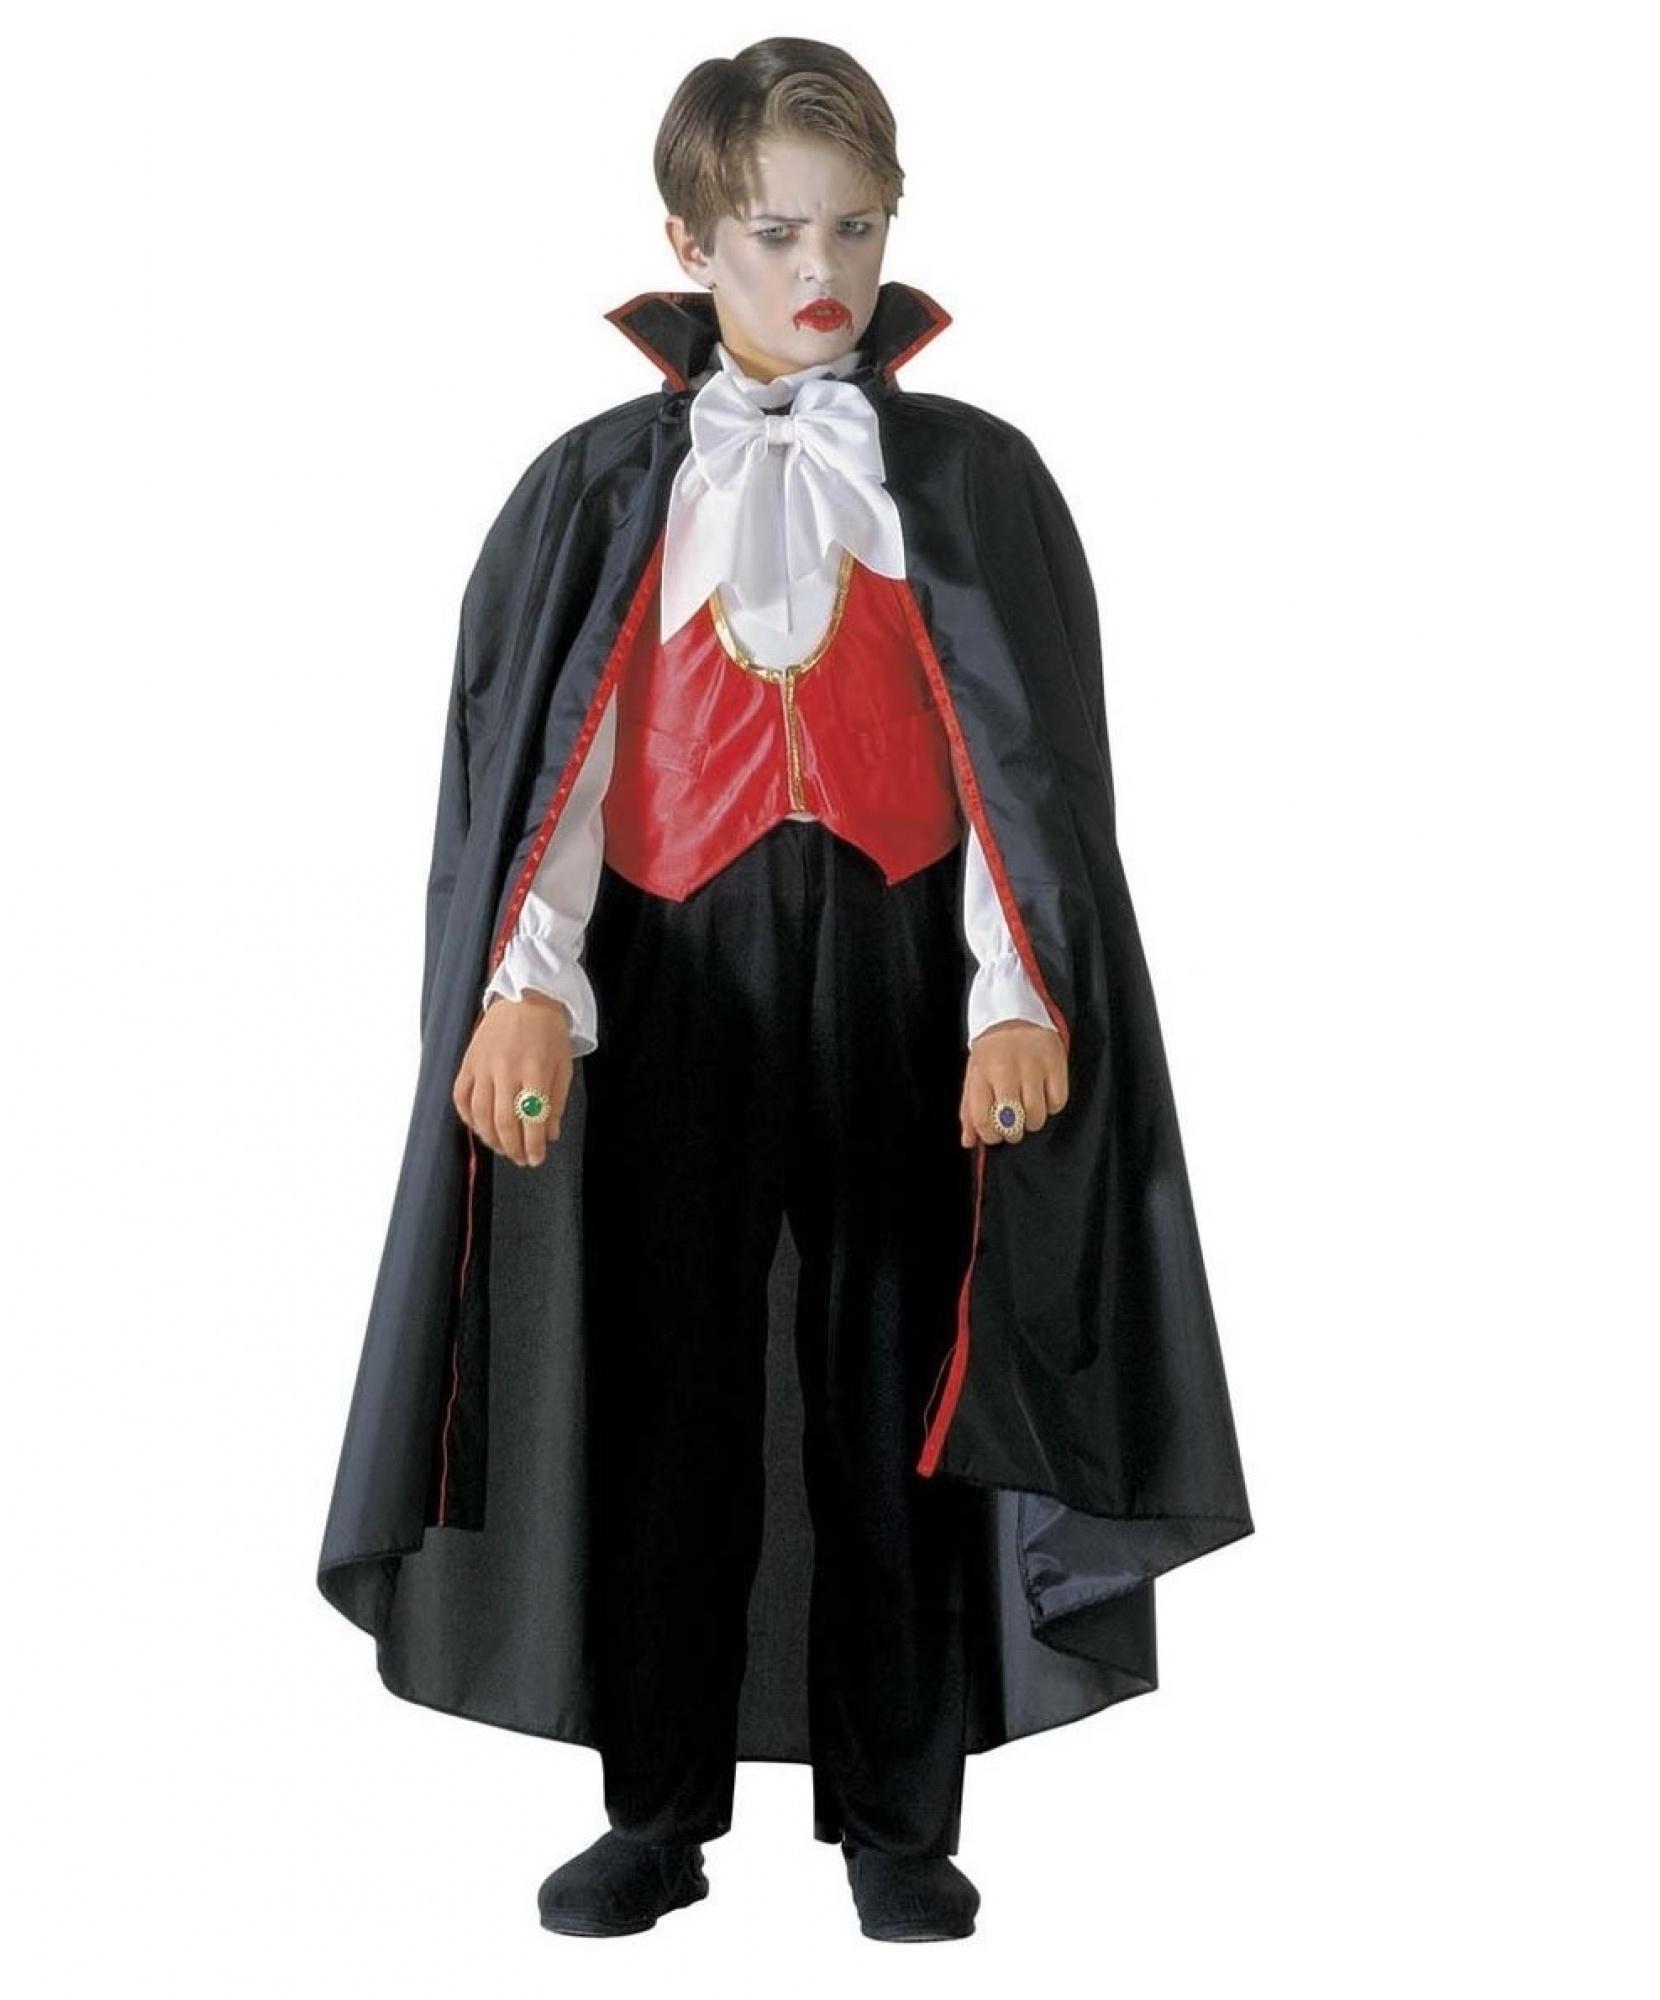 Костюм графа Дракулы: комбинезон с жилеткой, плащ (Италия) - photo#5